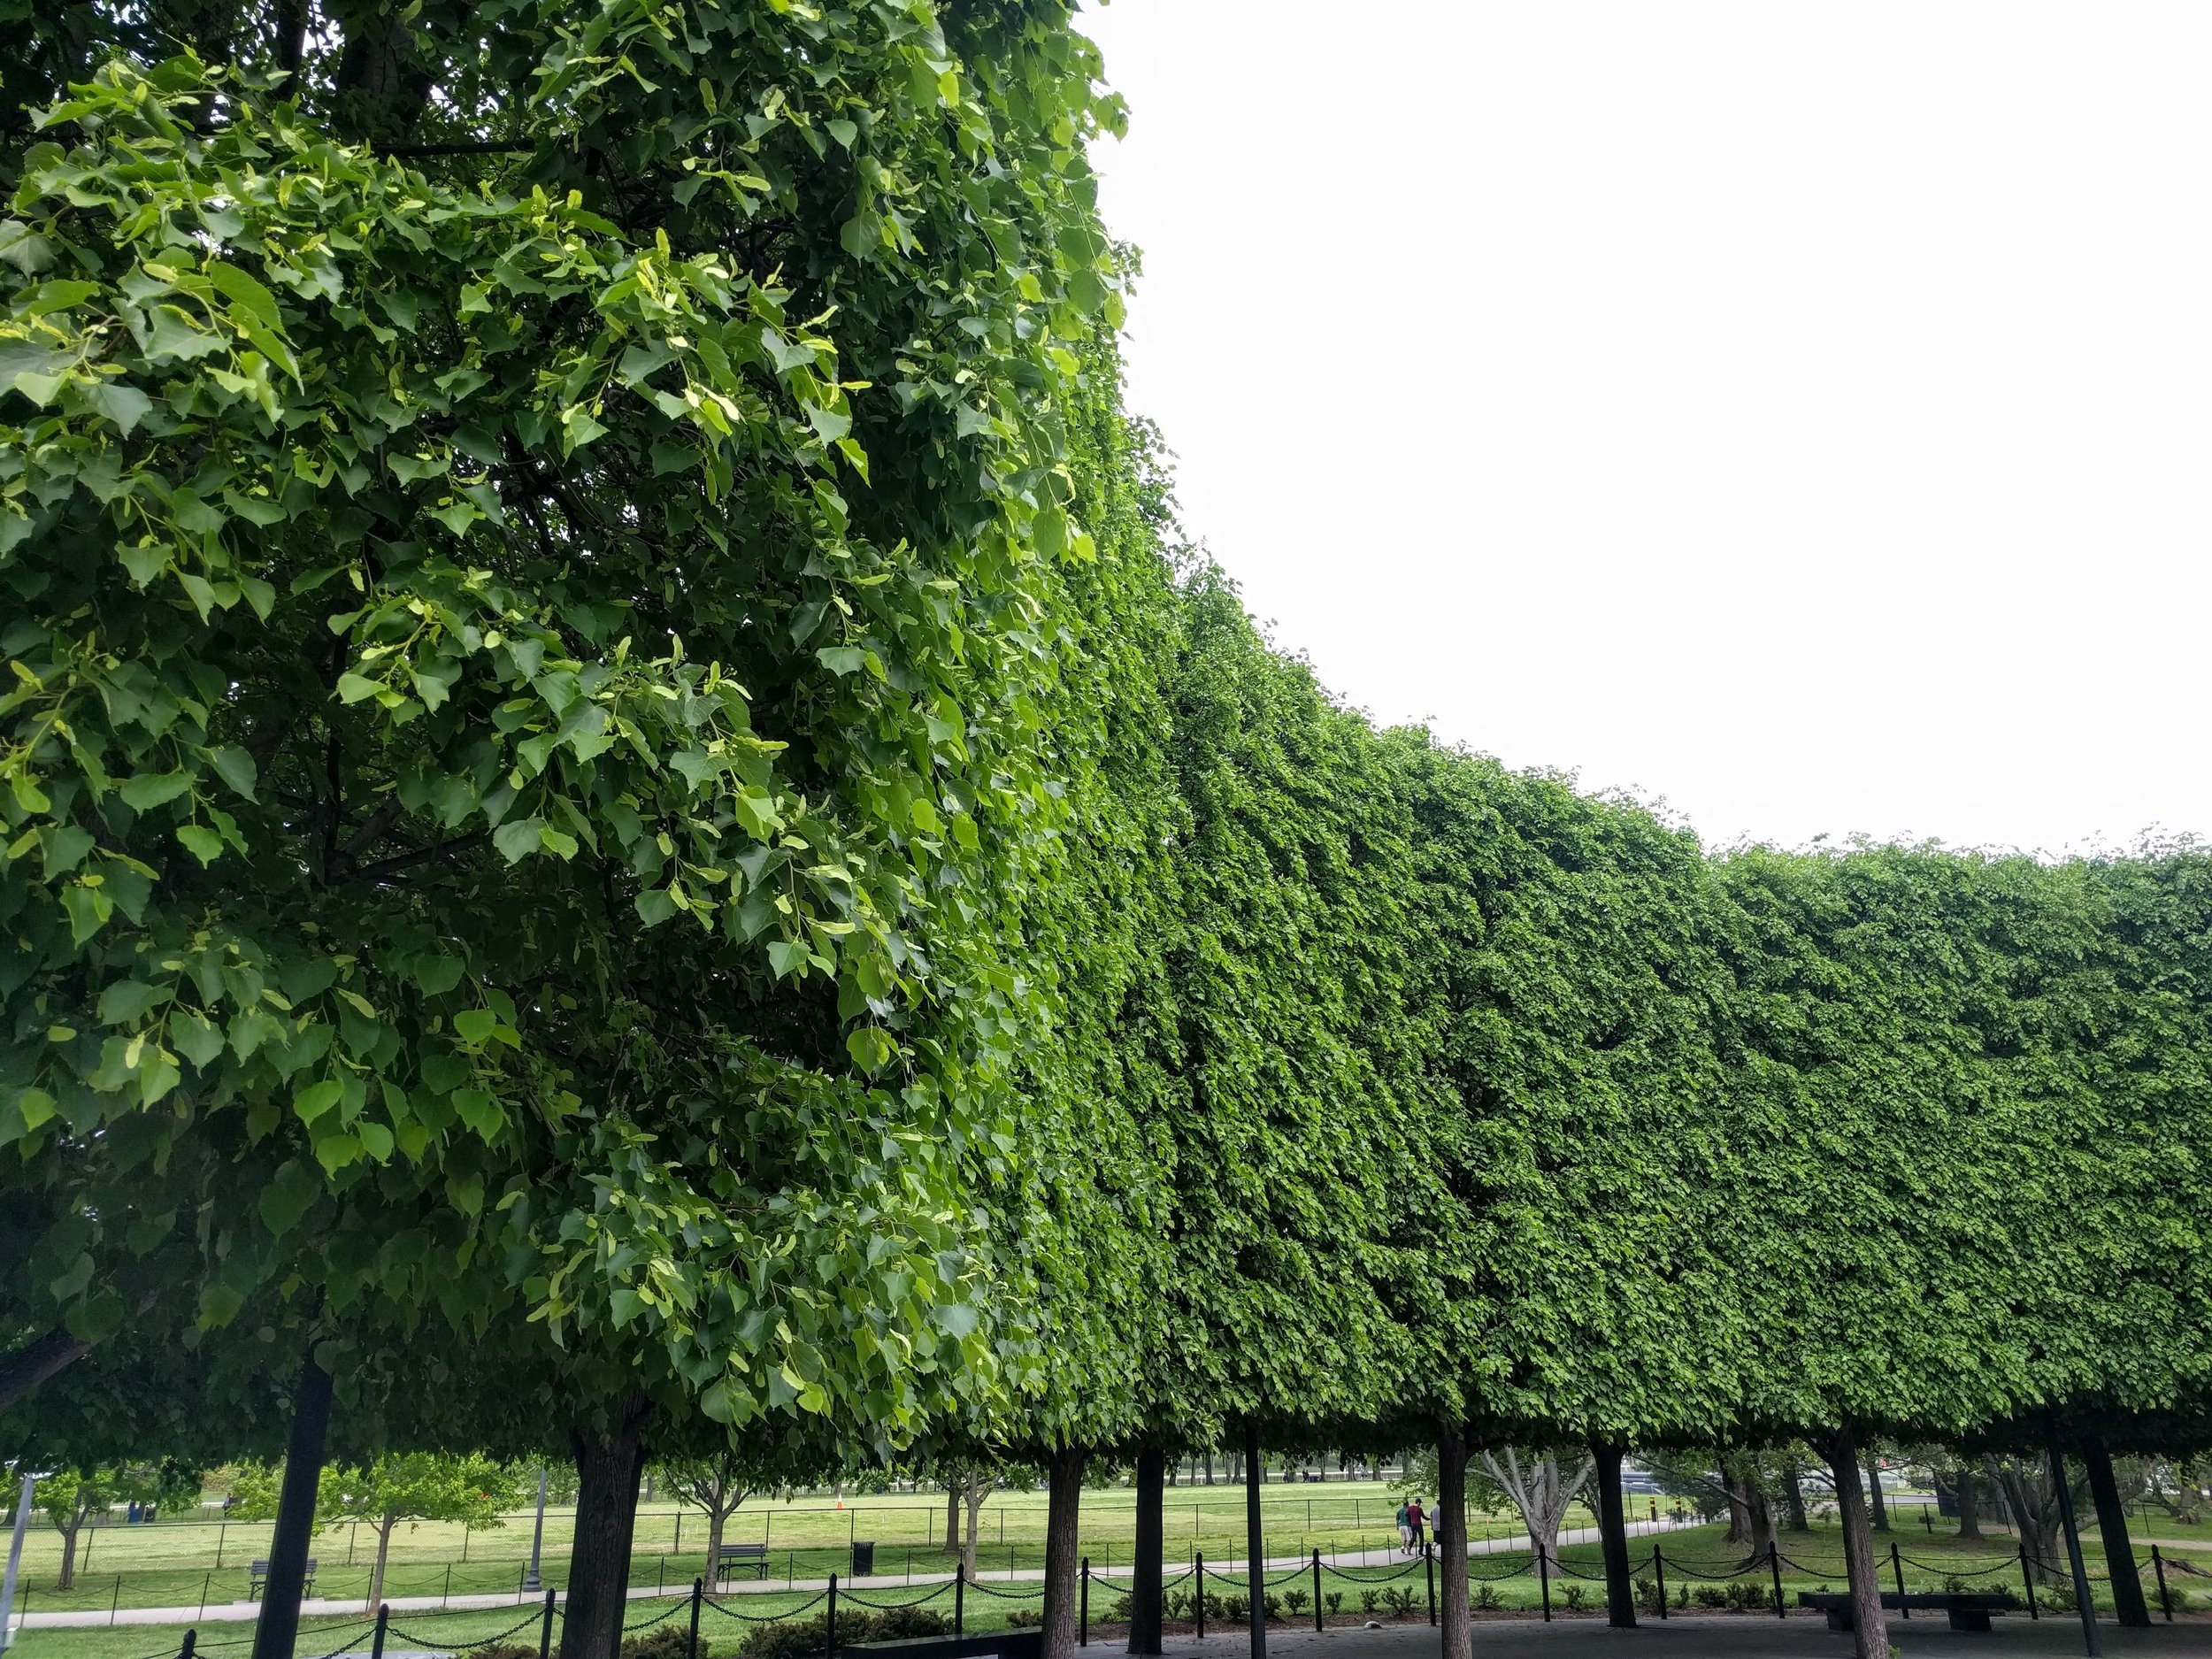 A tree wall